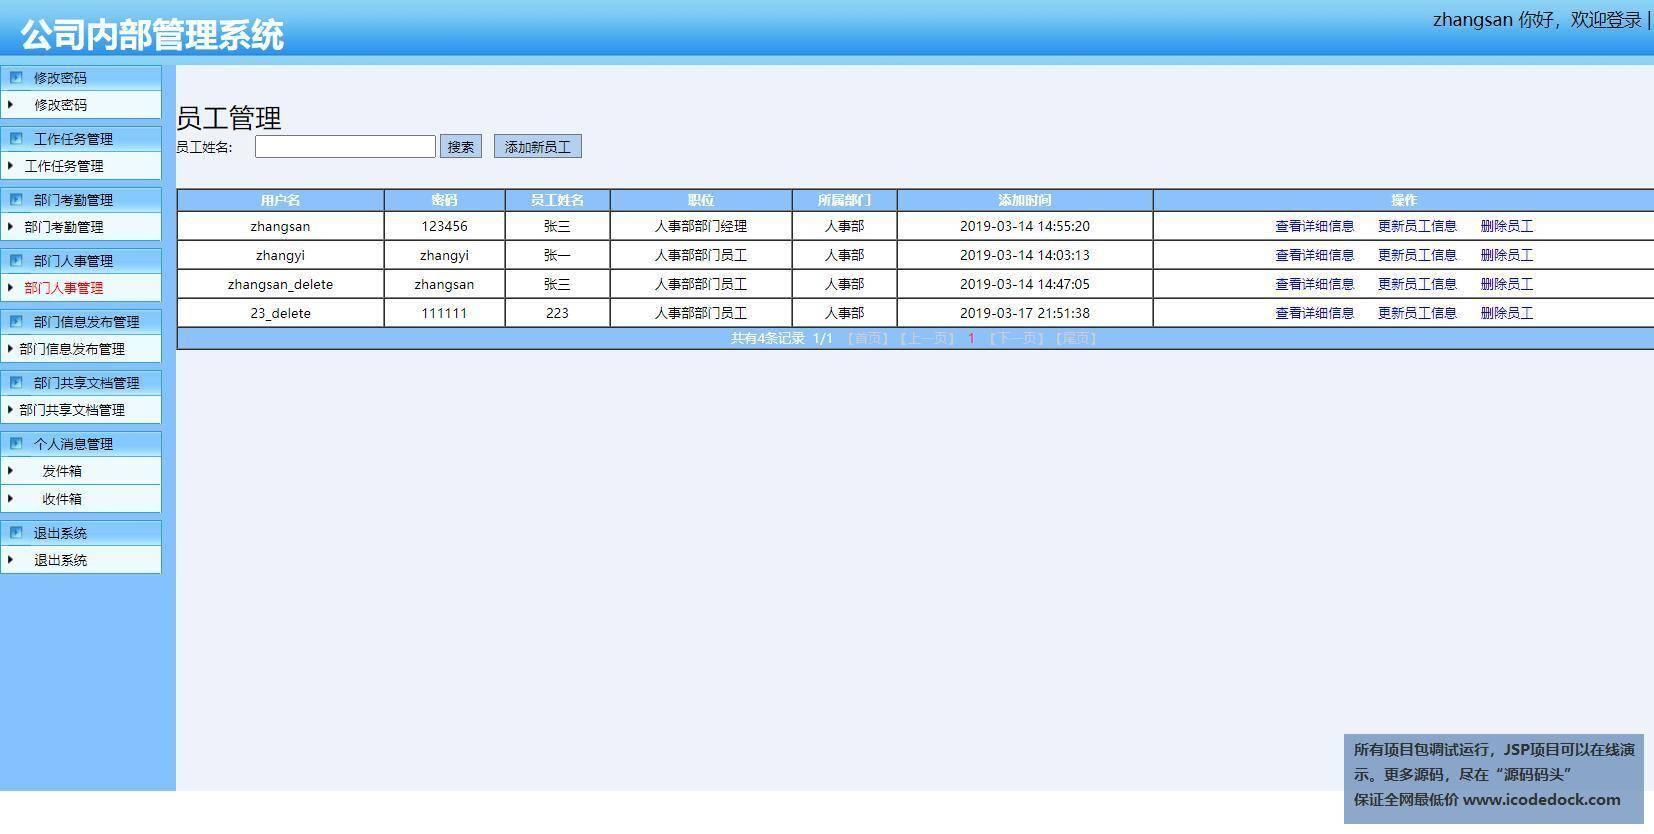 源码码头-SSH公司内部办公自动化管理系统-部门经理角色-部门人事管理